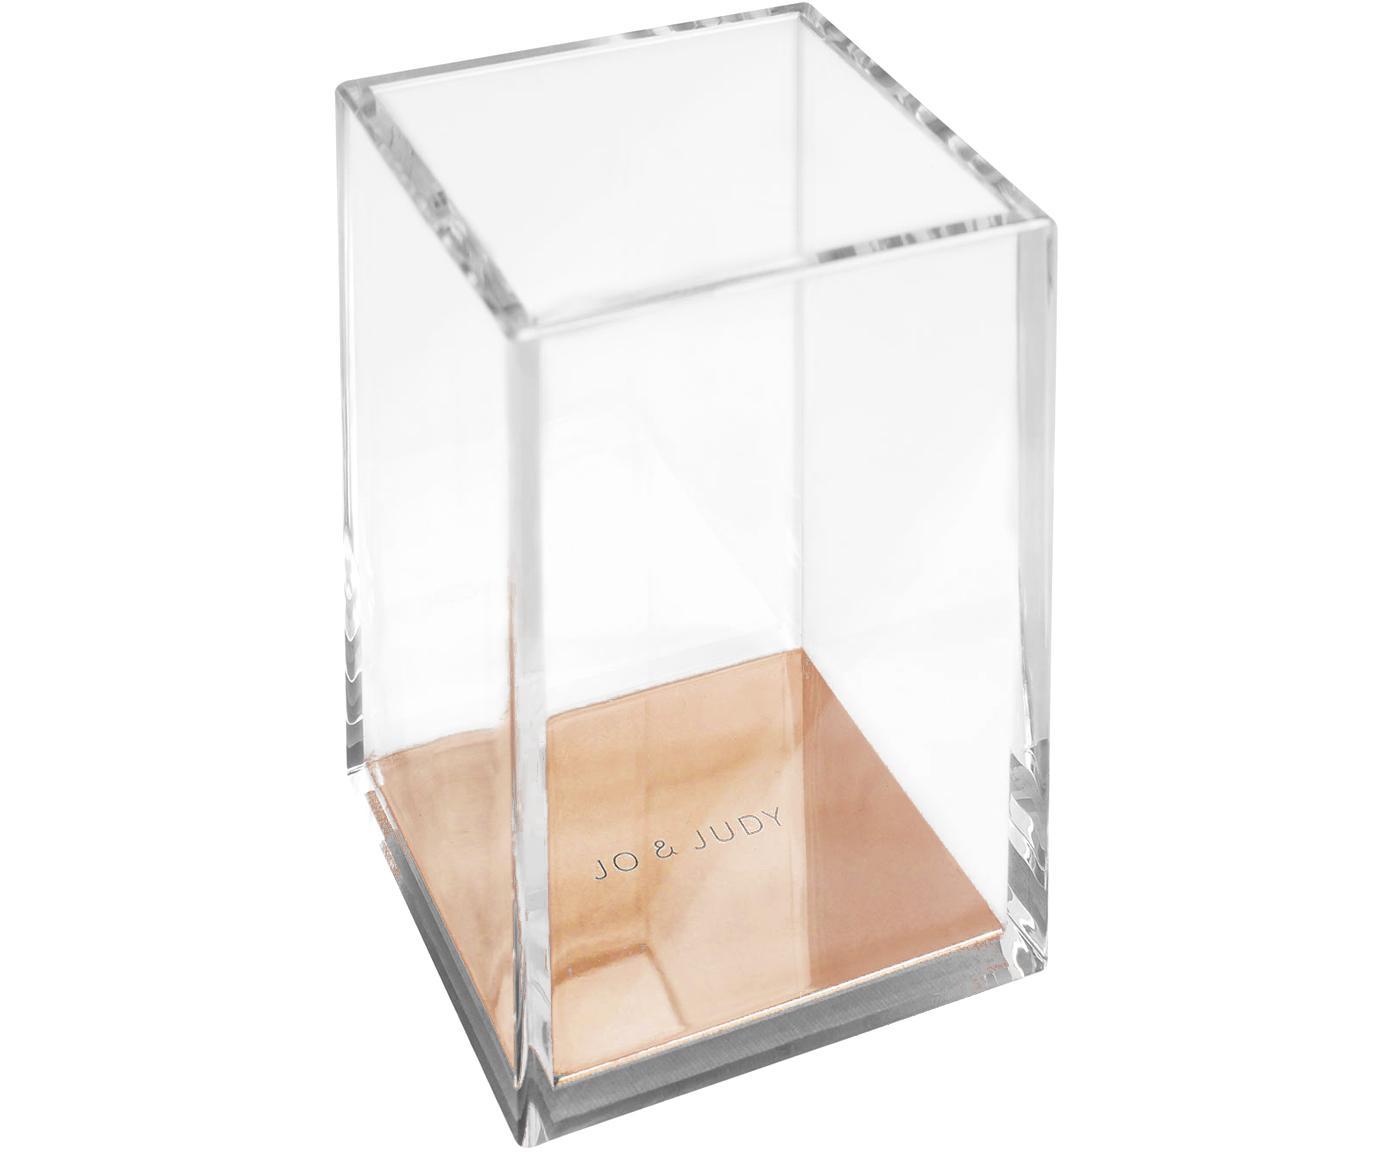 Pennenhouder Alea, Kunststof, metaal, kurk, Transparant, roségoudkleurig, 8 x 11 cm